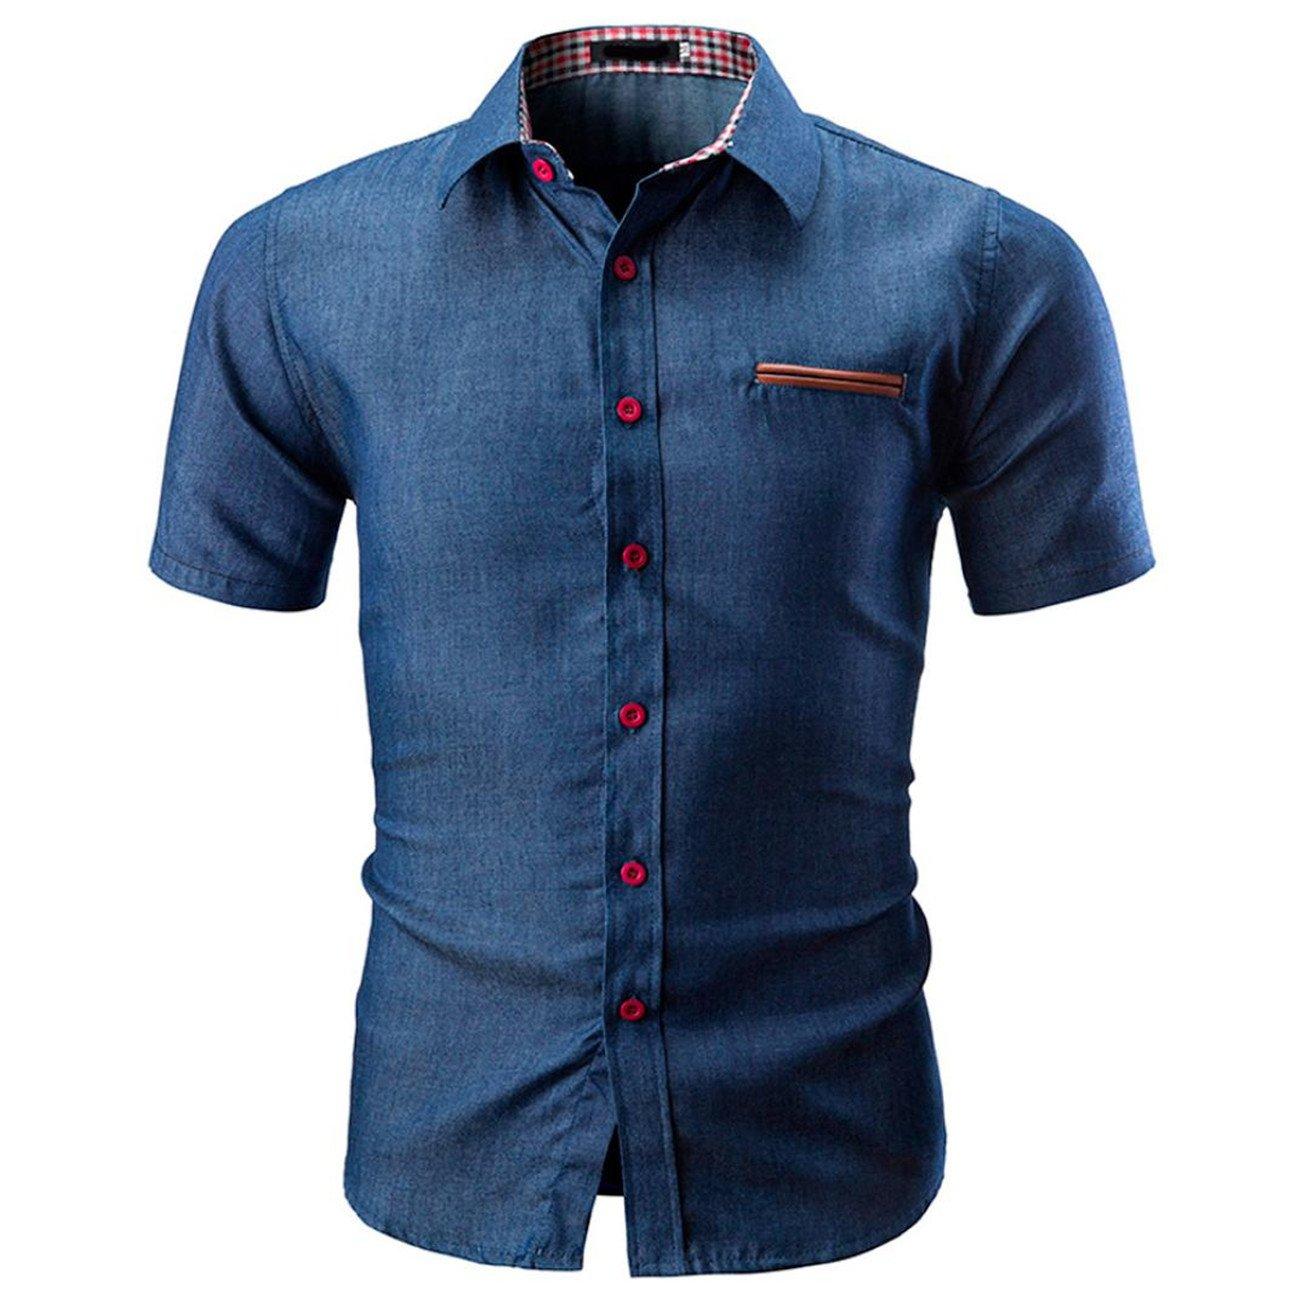 Chemises Homme Chemises Bureau Chemises BoutonnéEs Chemise à Manches Courtes Casual Fashion Solid Color pour Hommes HCFKJ - MS